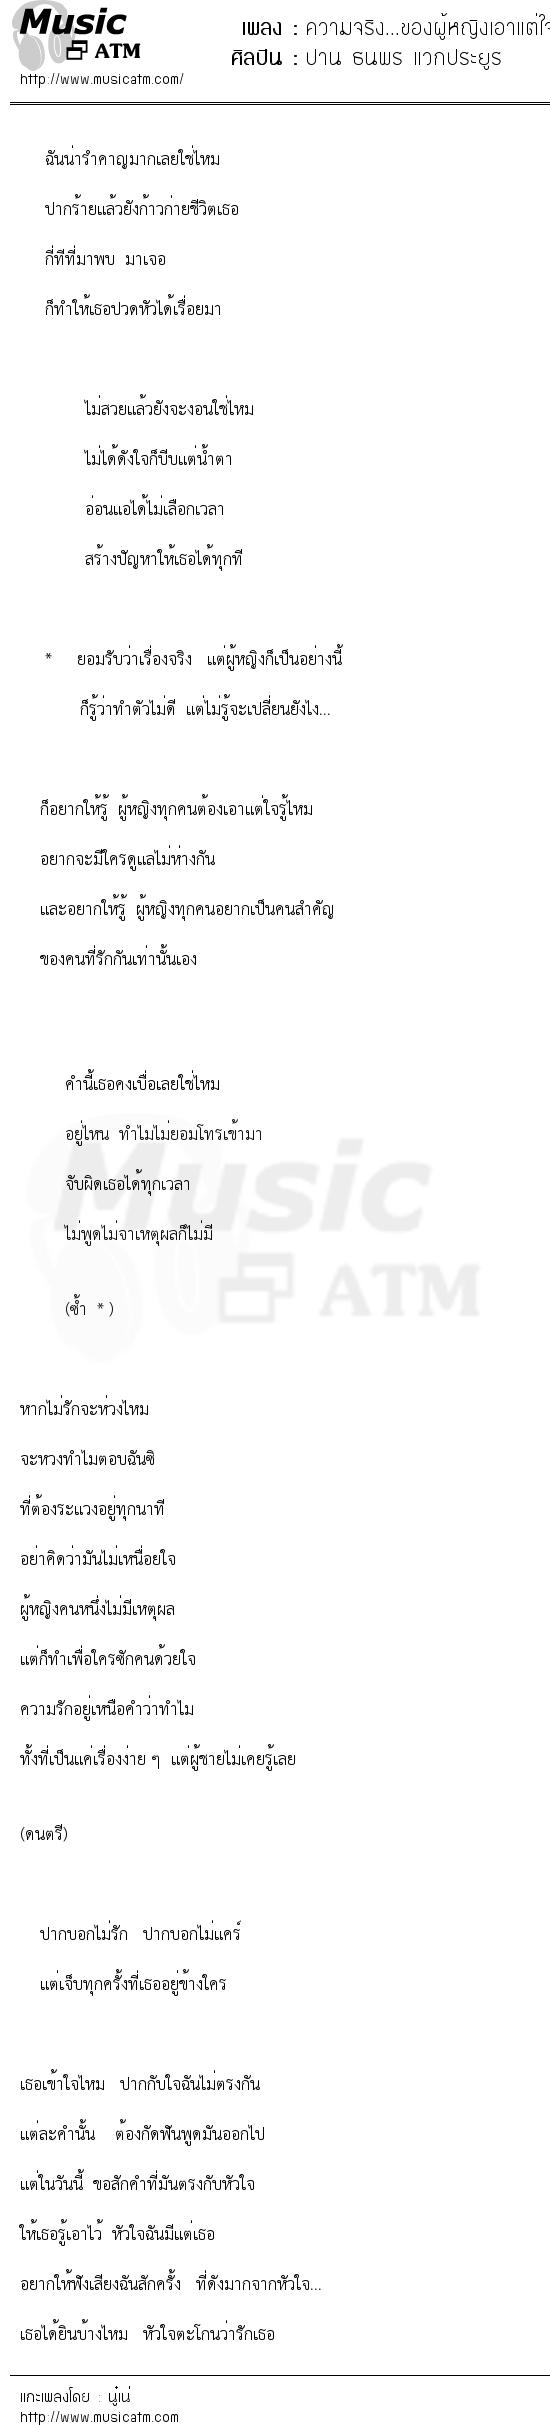 ความจริง...ของผู้หญิงเอาแต่ใจ | เพลงไทย